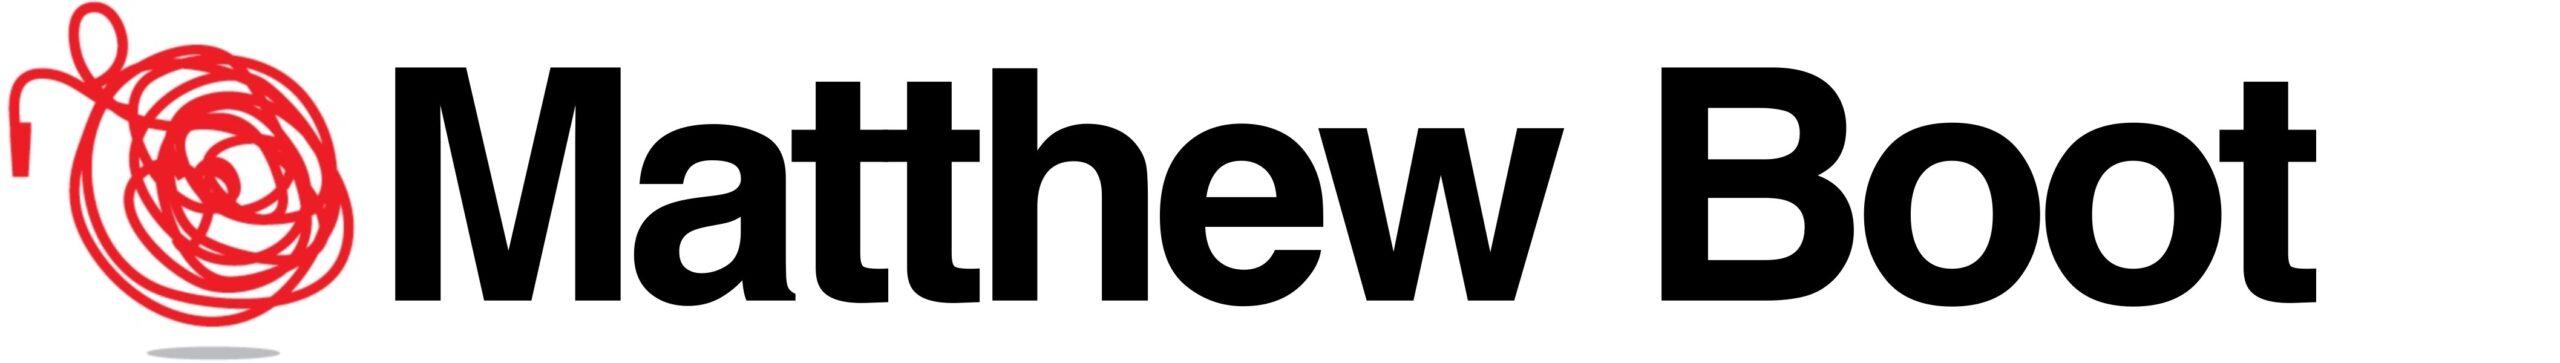 matthew boot logo